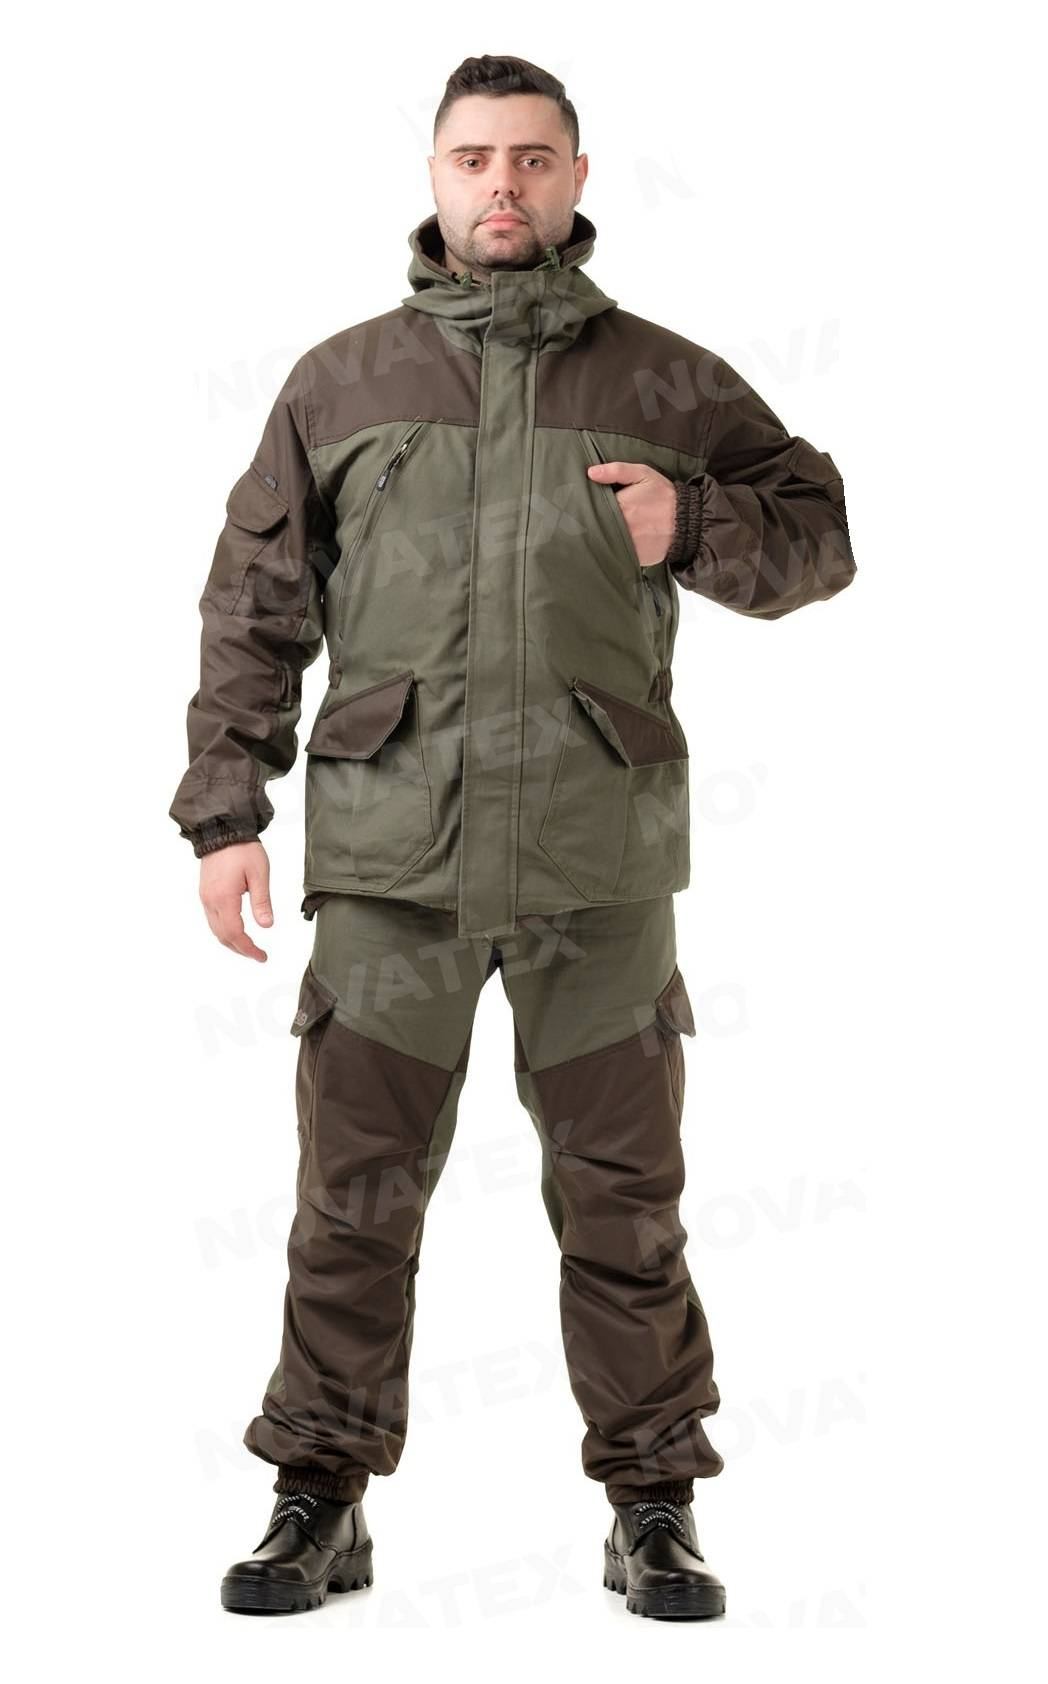 Зимний костюм горка: обзор, характеристики, отзывы